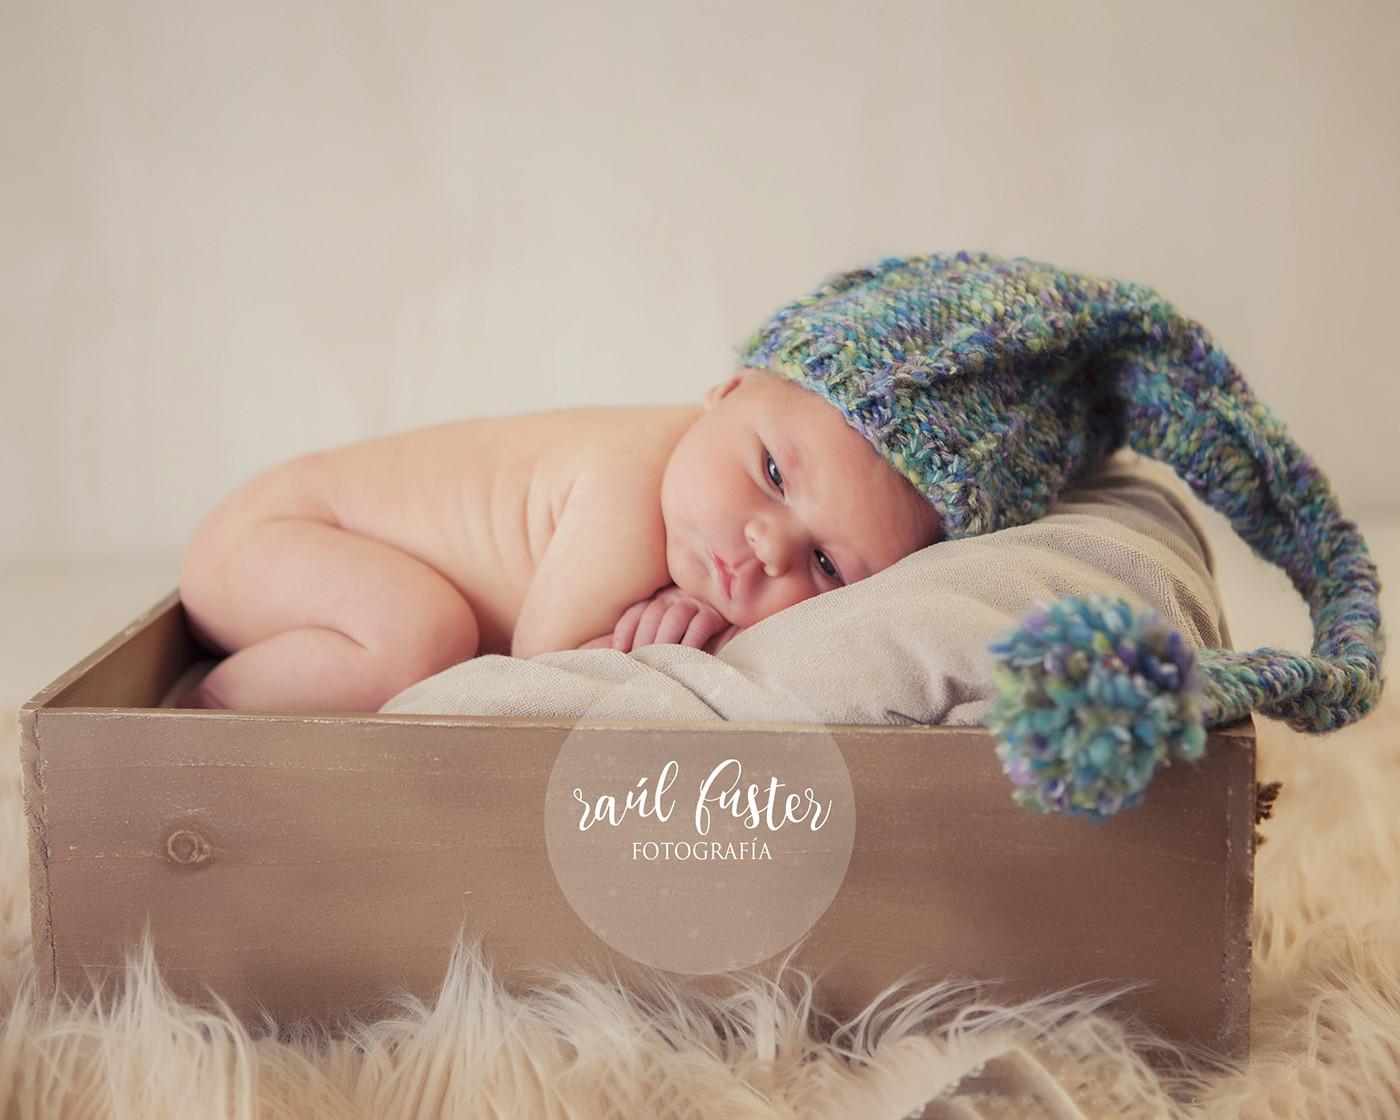 Raul-Fuster-Fotografo-new-born-recien-nacido